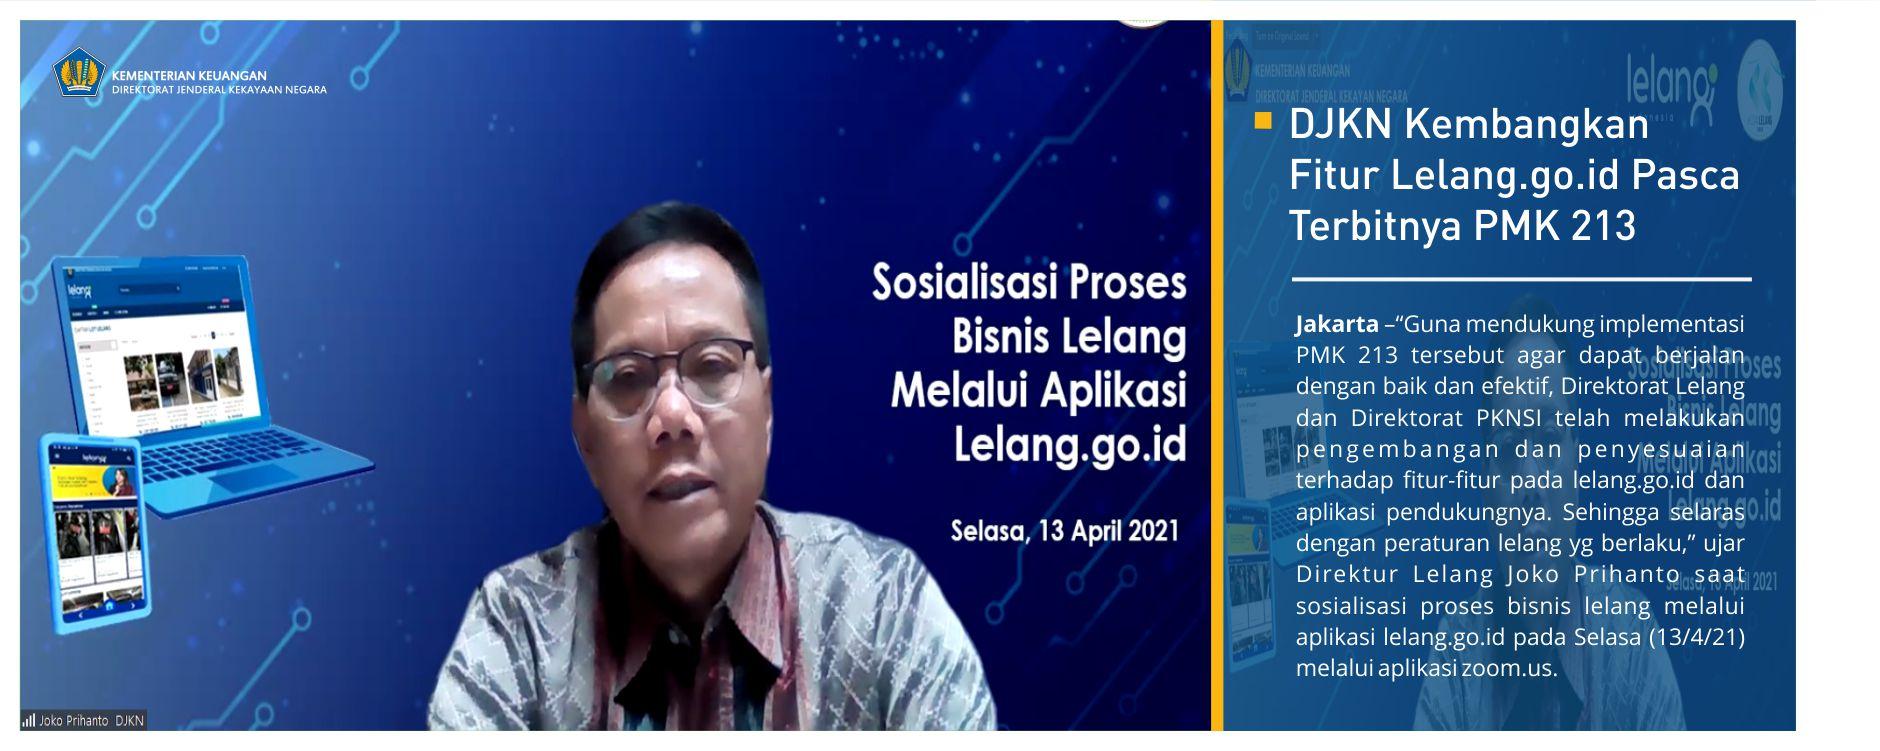 DJKN Kembangkan Fitur Lelang.go.id Pasca Terbitnya PMK 213